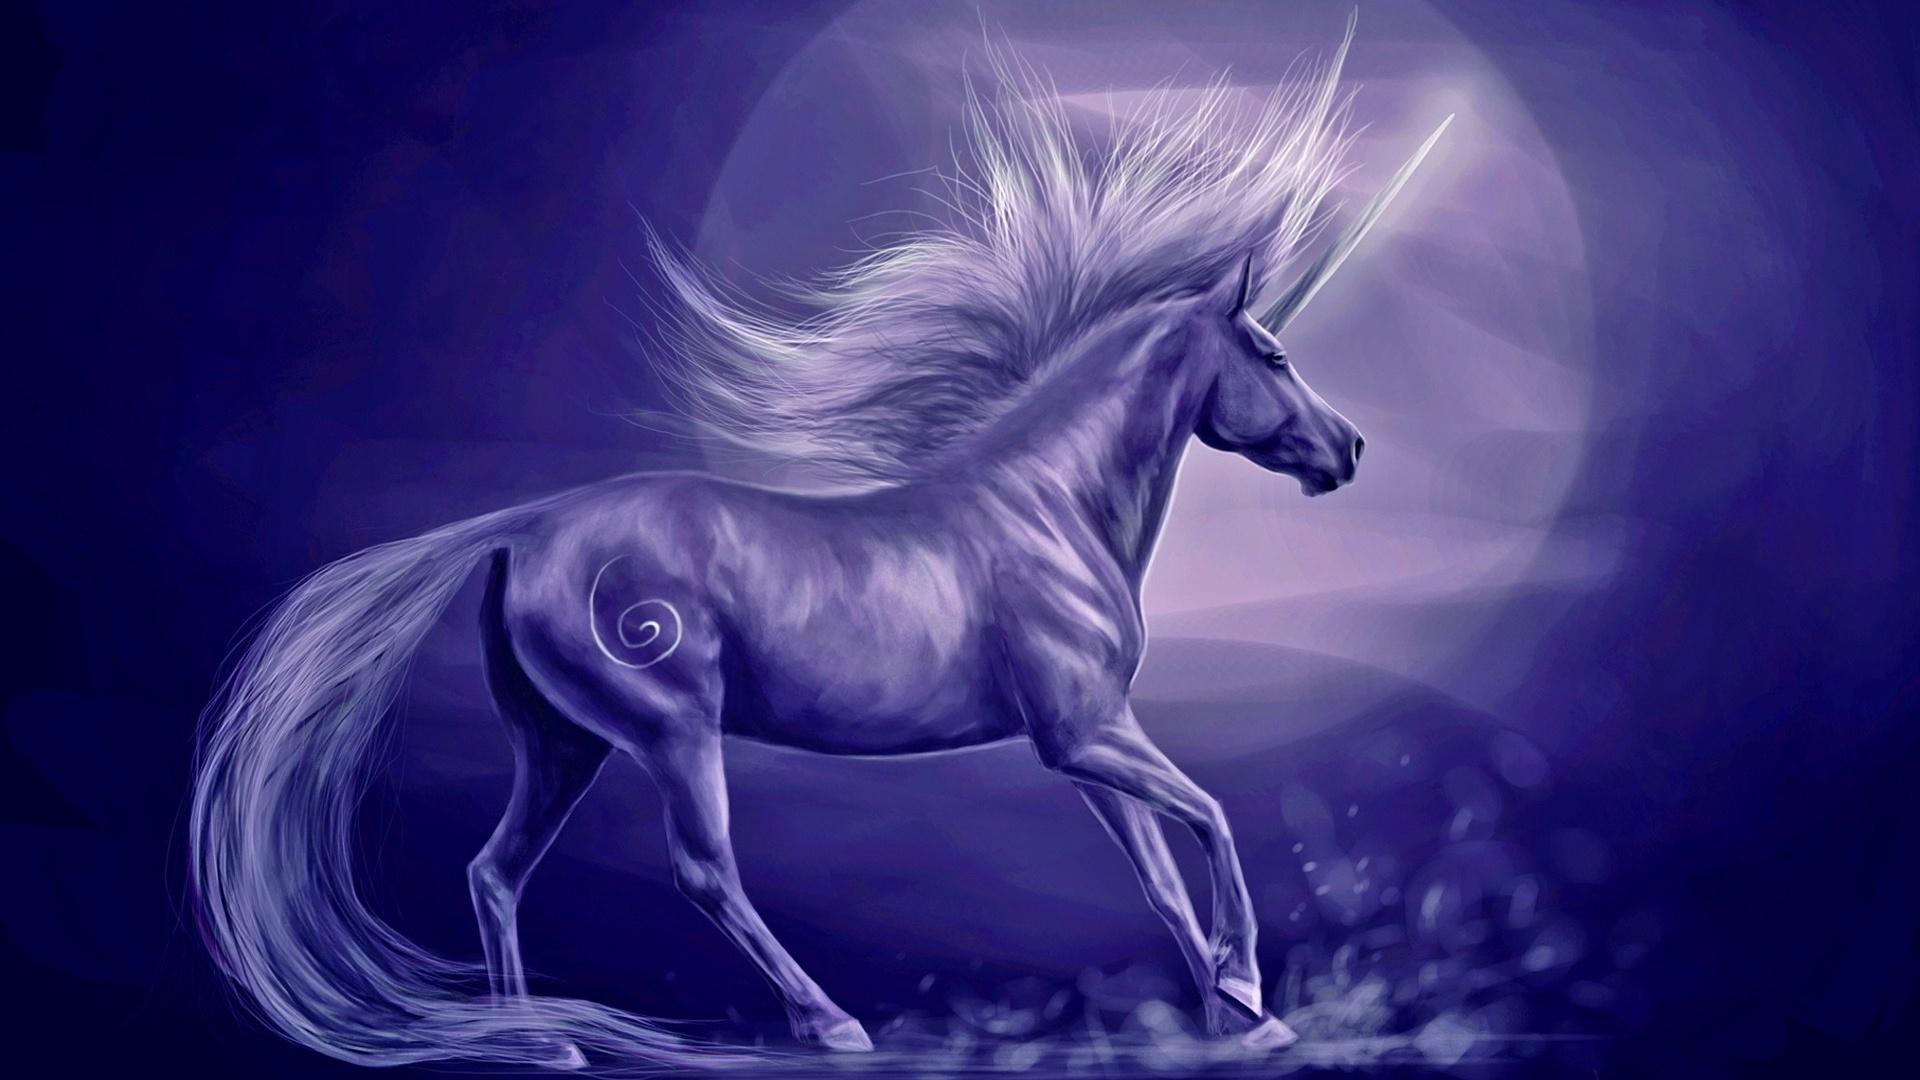 Magic Horses wallpaper photo hd